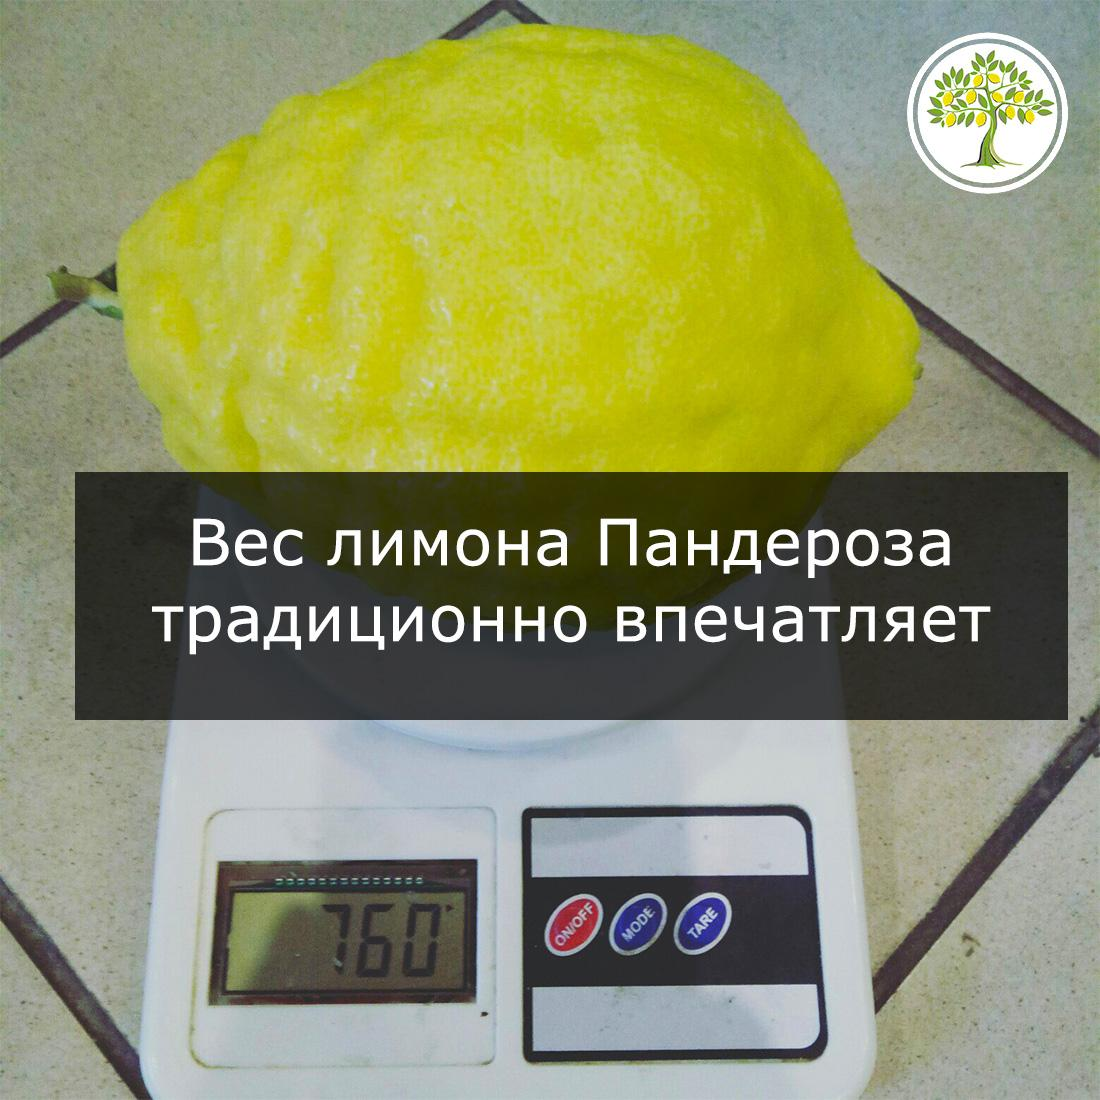 Лимон пандероза вес фото